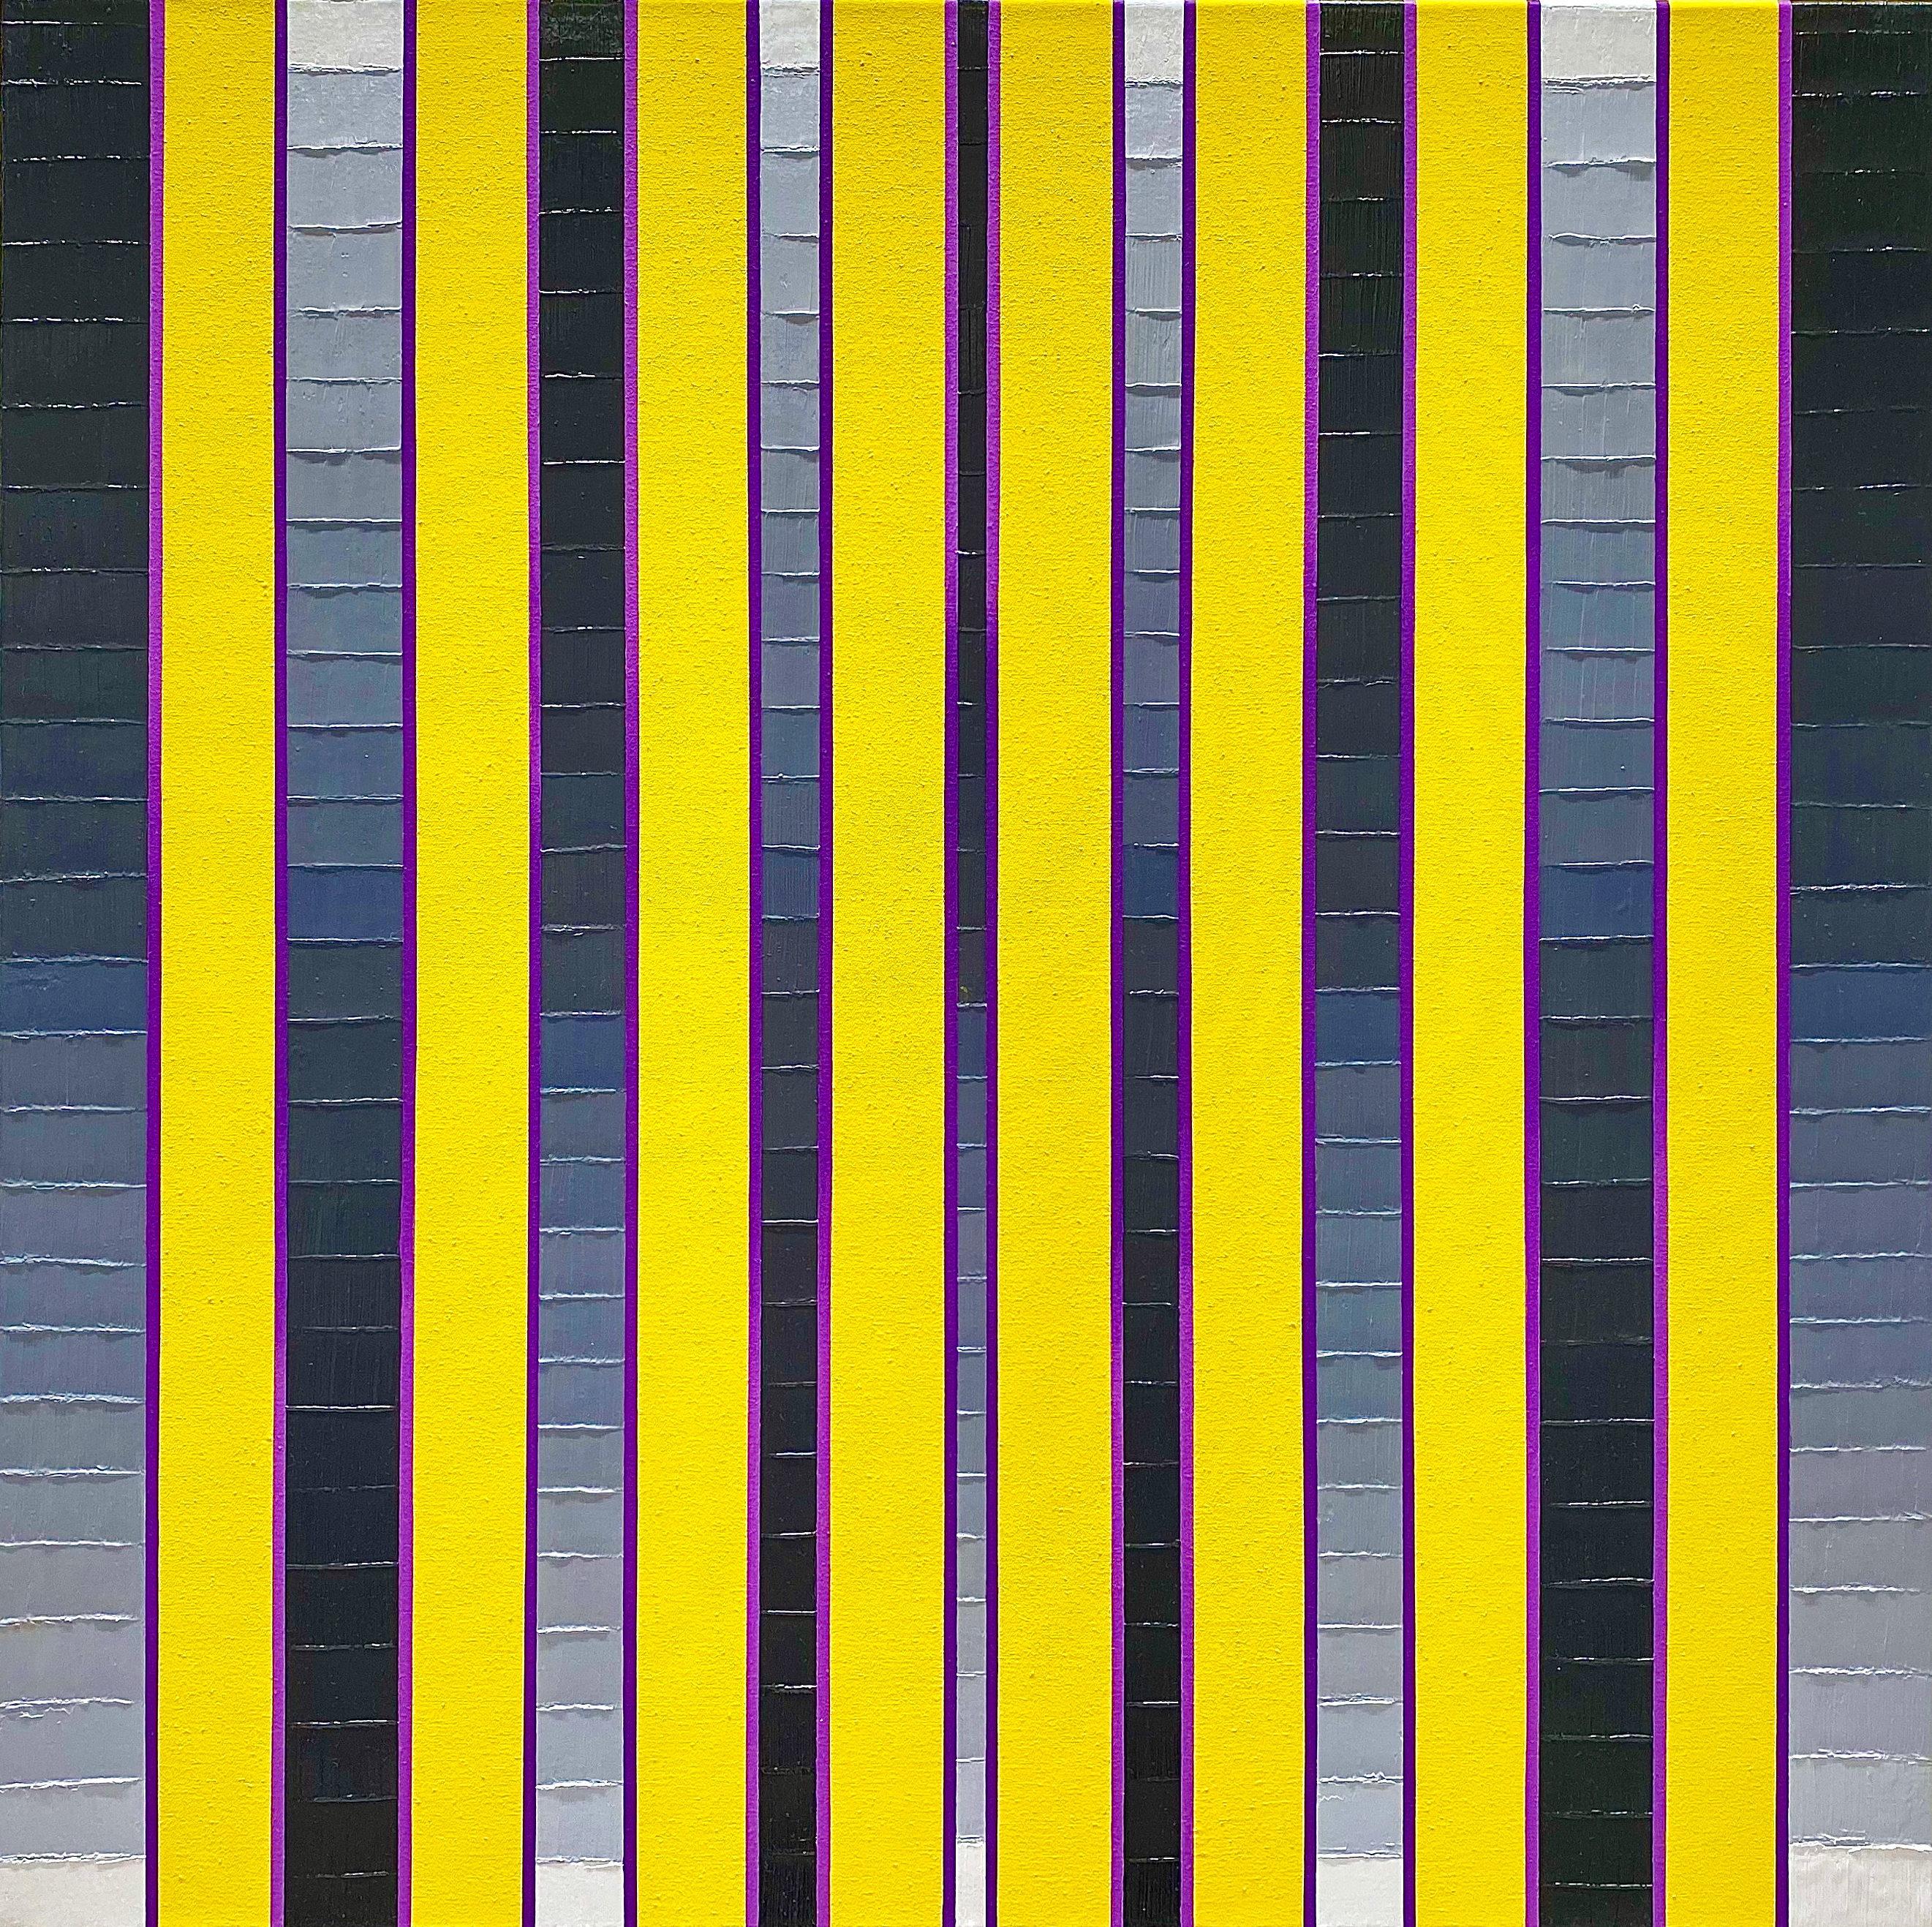 WAHRNEHMUNGSSTREIFEN 016 Canvas  70 x 70 x 2 cm  Acrylic Oil on canvas